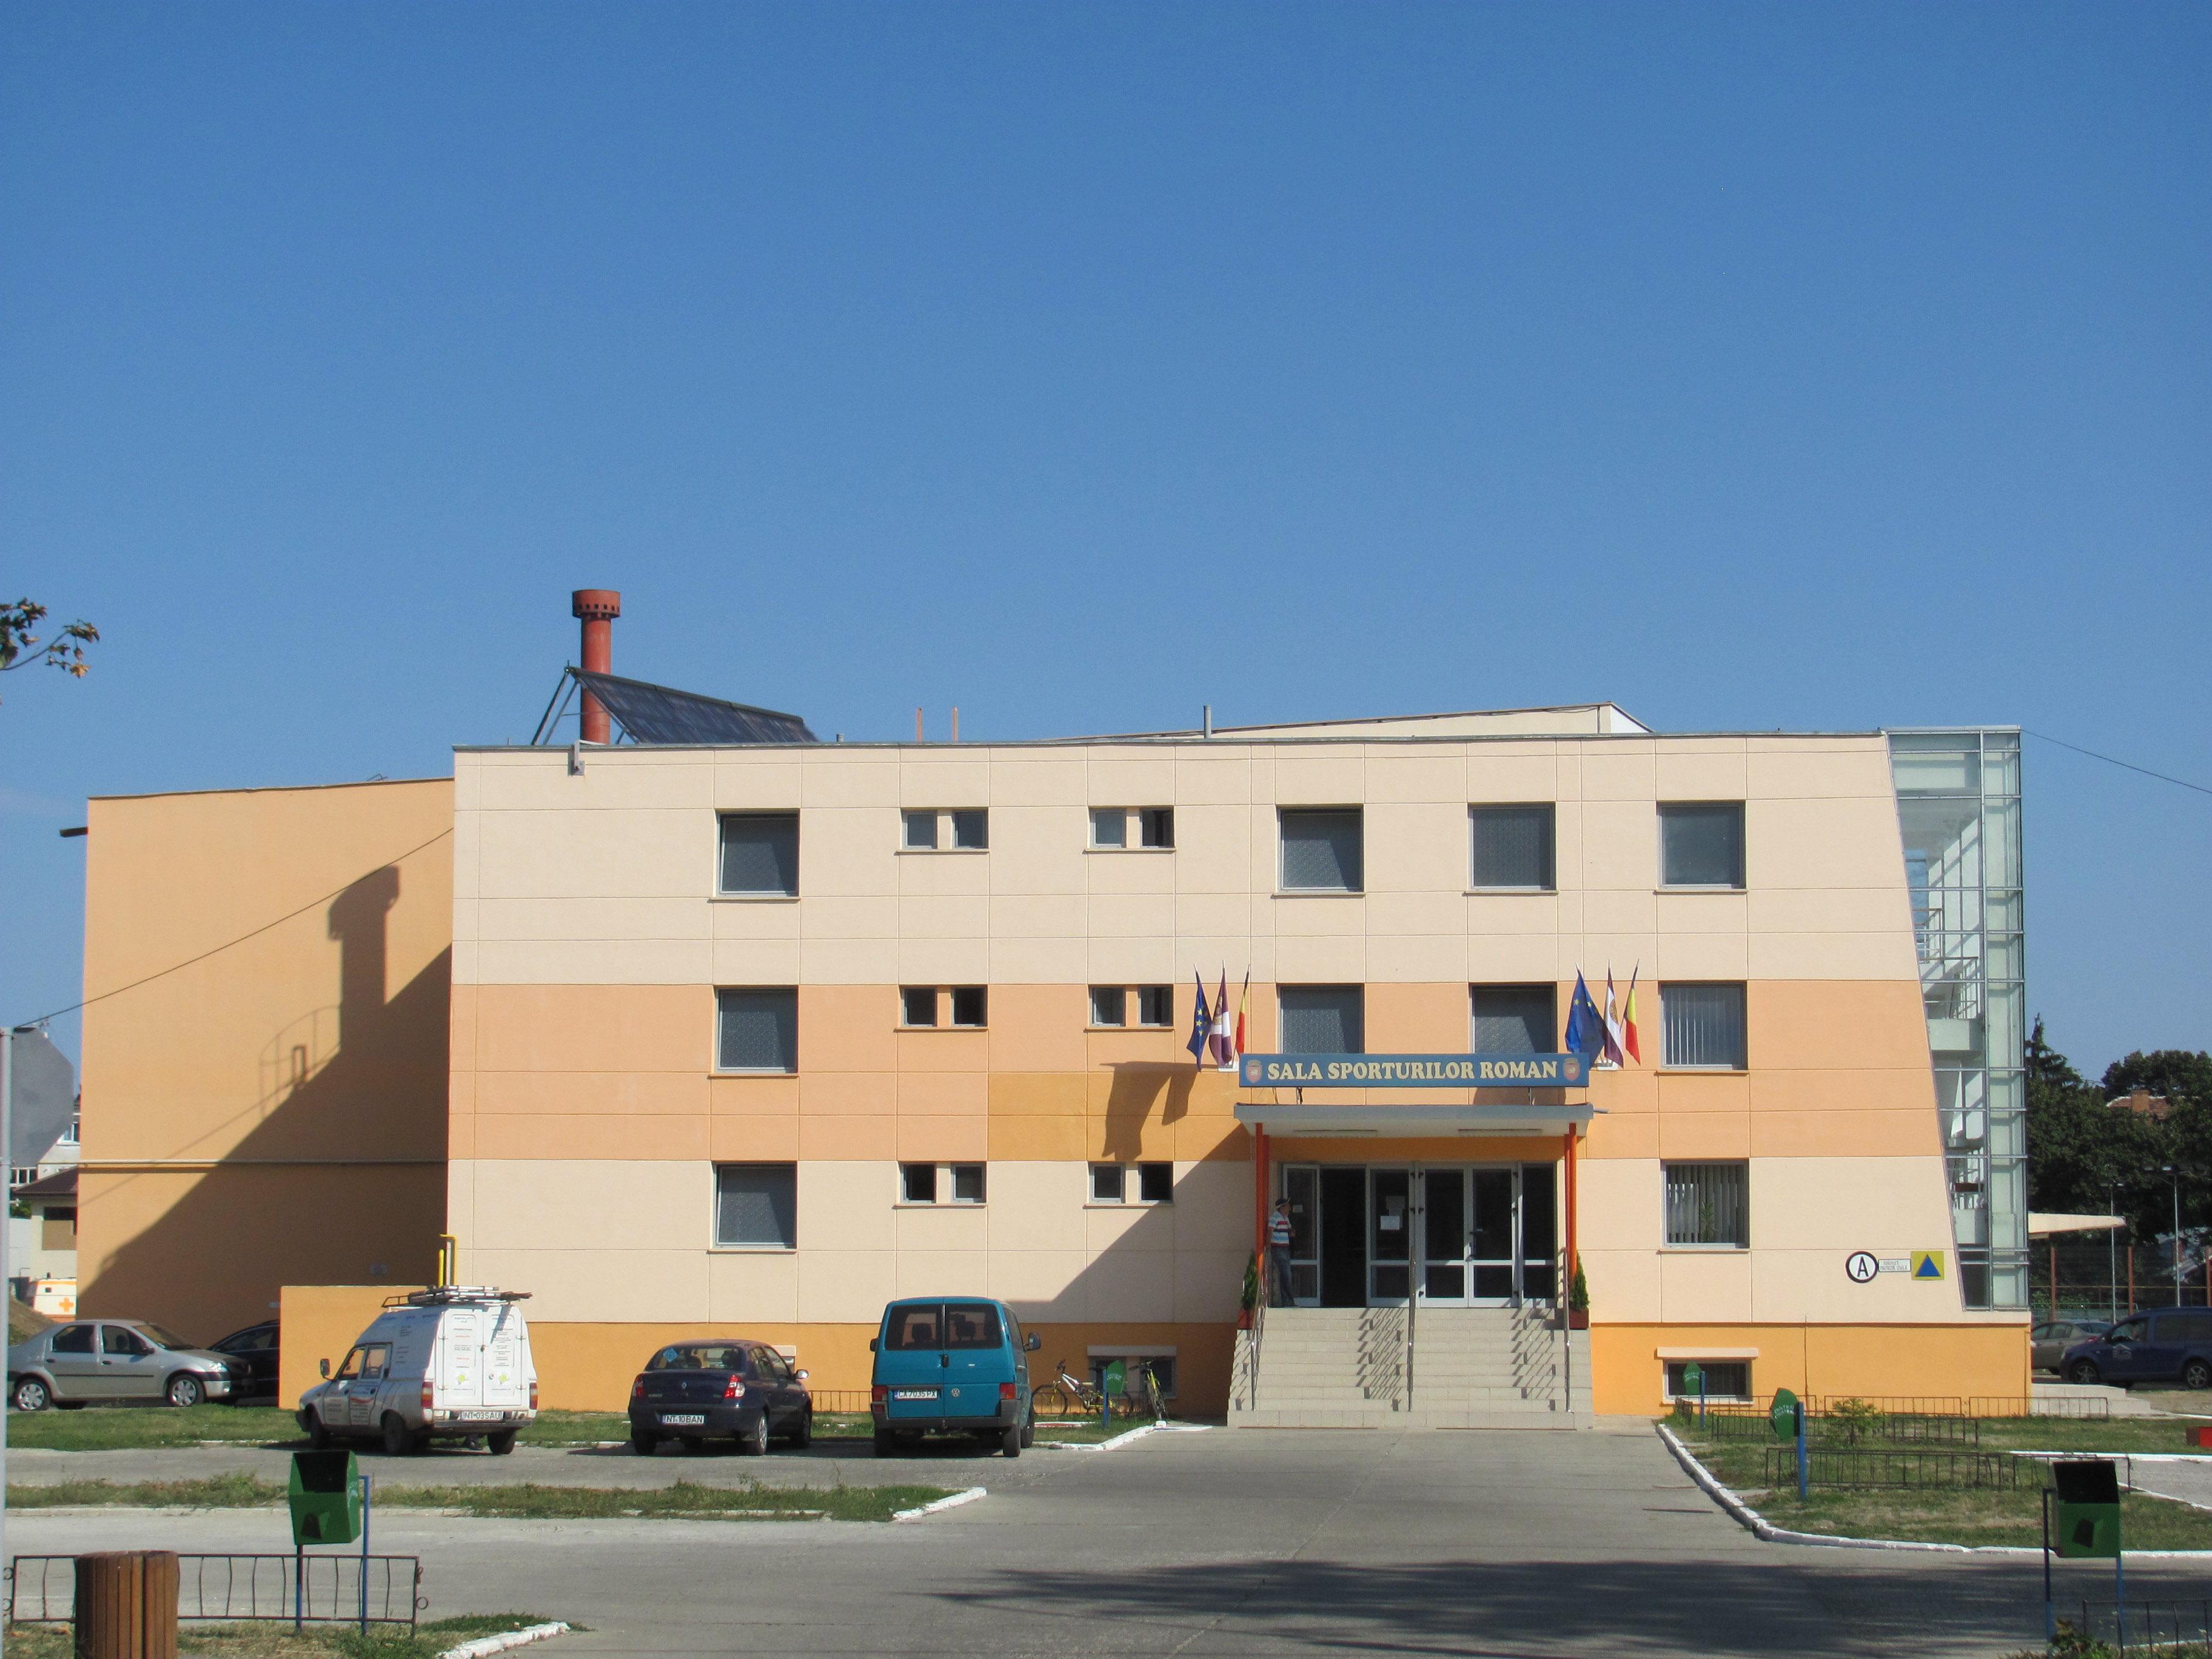 Proiect de construire a unei noi săli polivalente în municipiul Roman